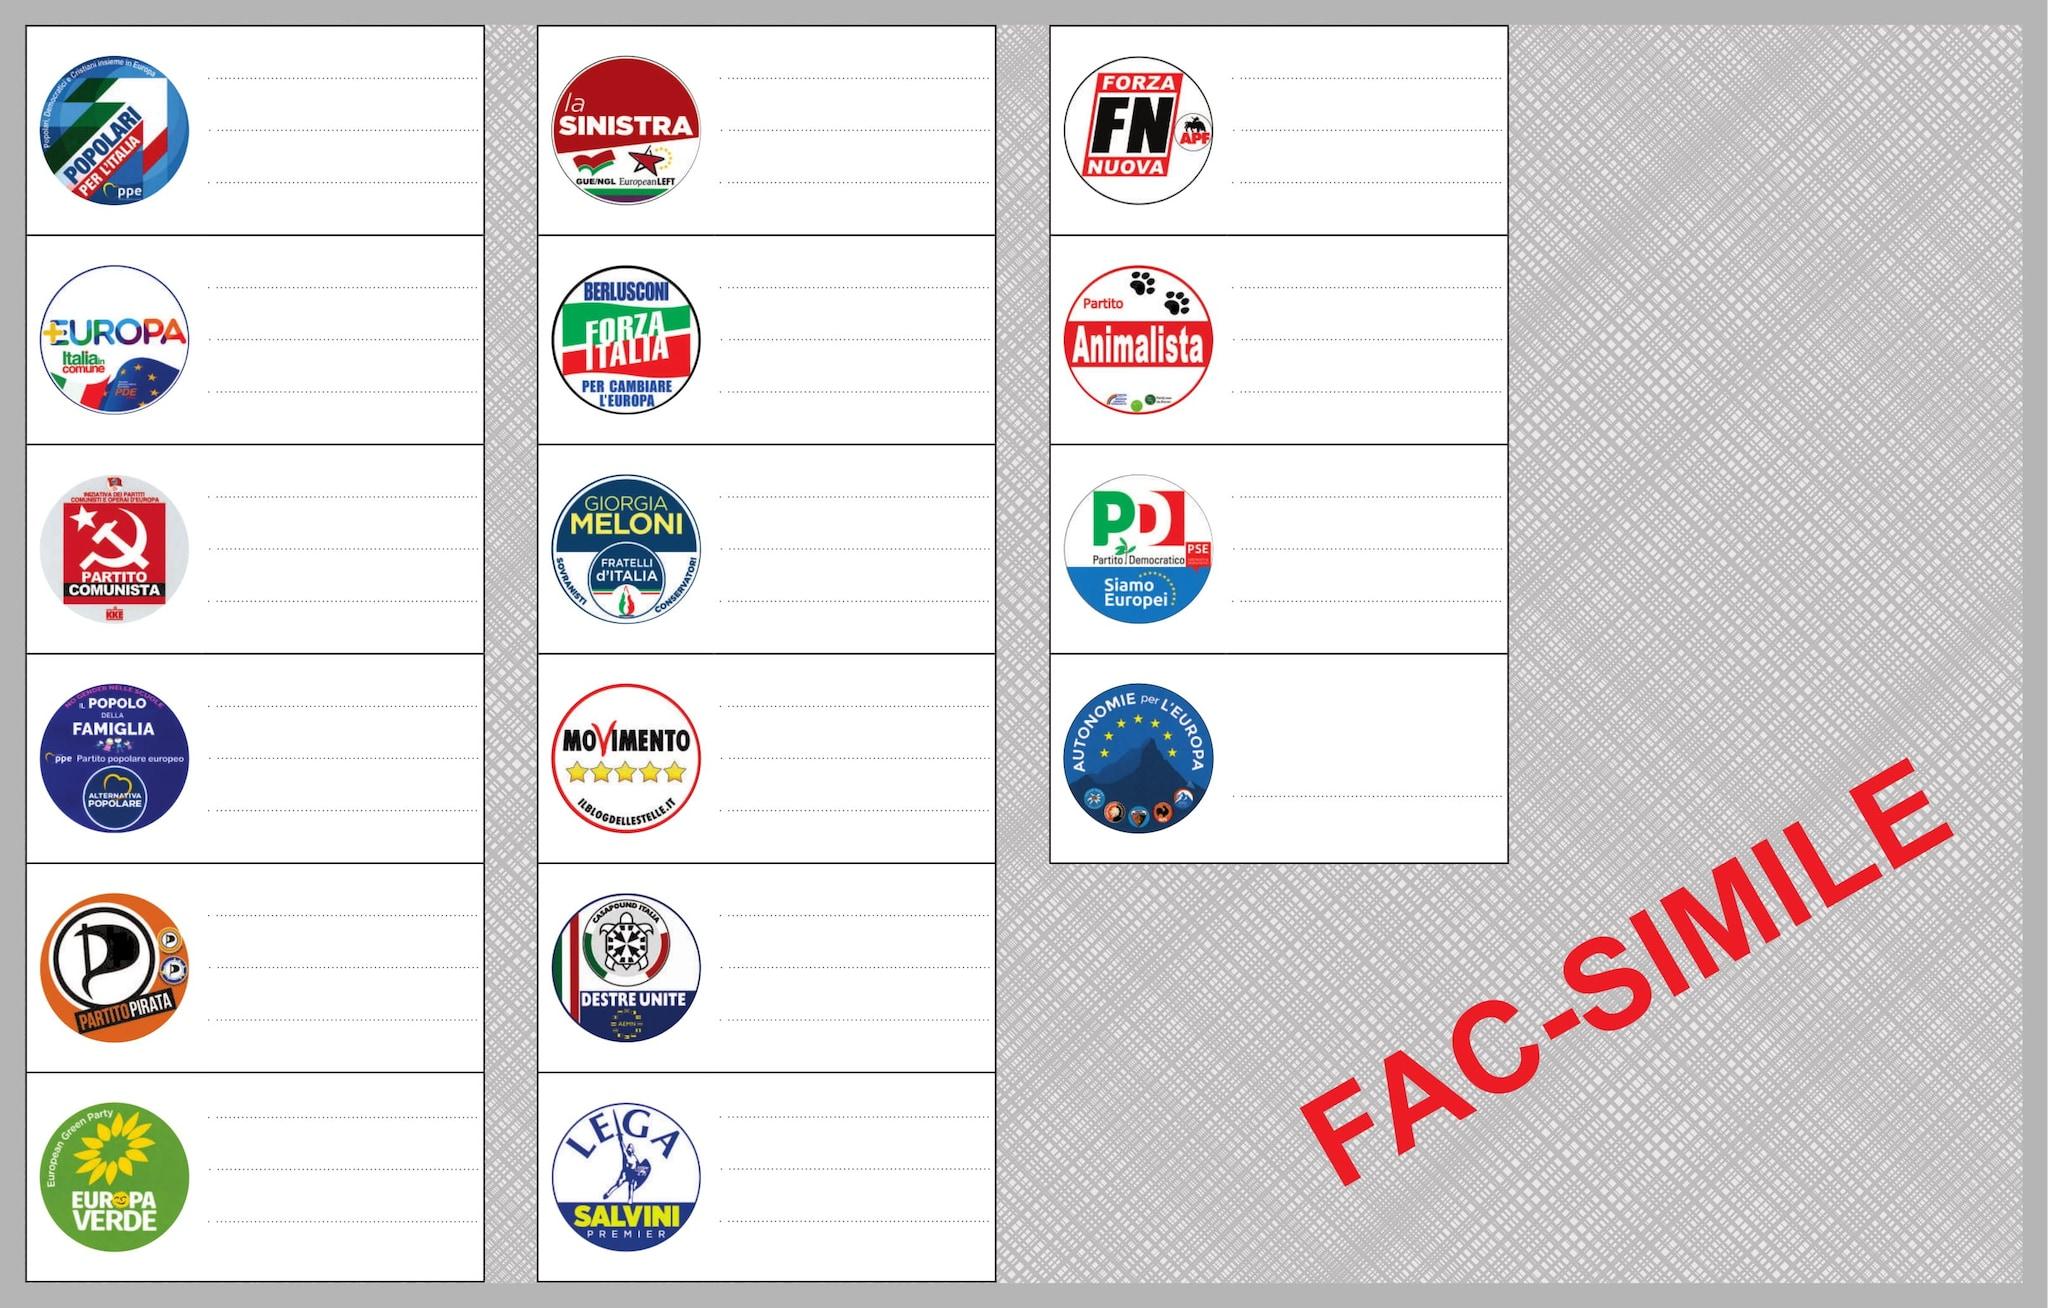 elezioni-europee-2019-scheda-fac-simile-grigia